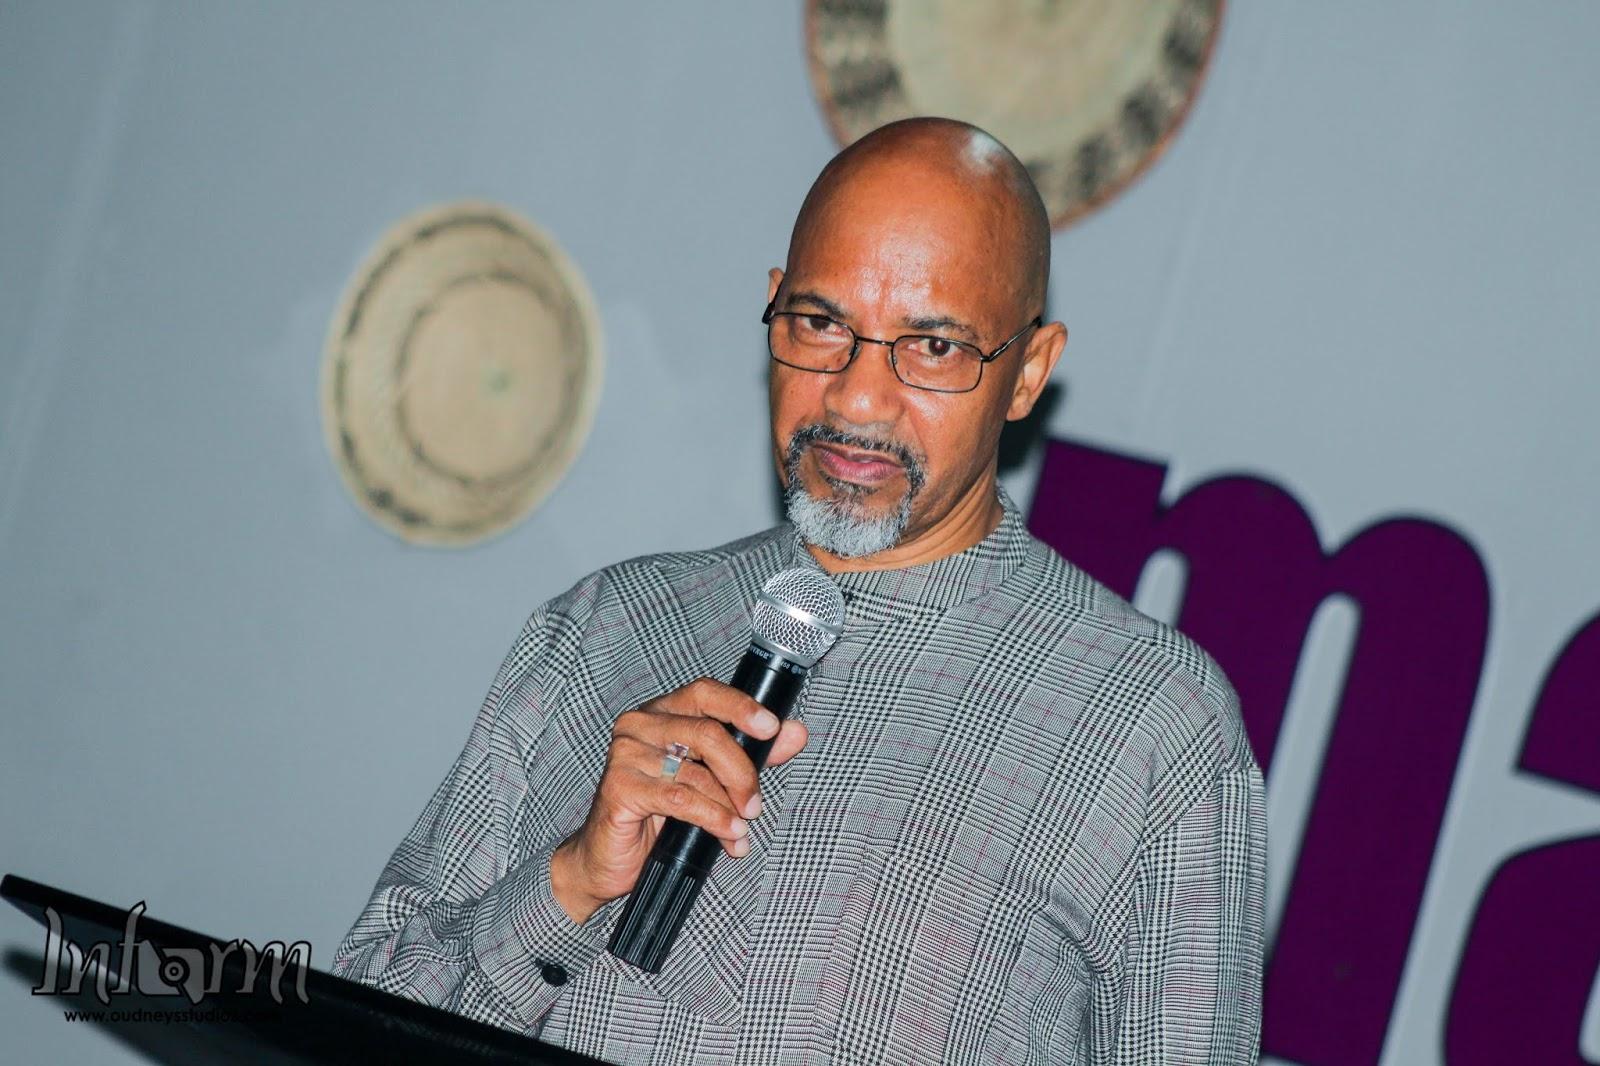 Bishop Tudor Bismark Jabula NEW LIVE COVENANT CHURCH, Manifest Conference In EASTVIEW - November 2018